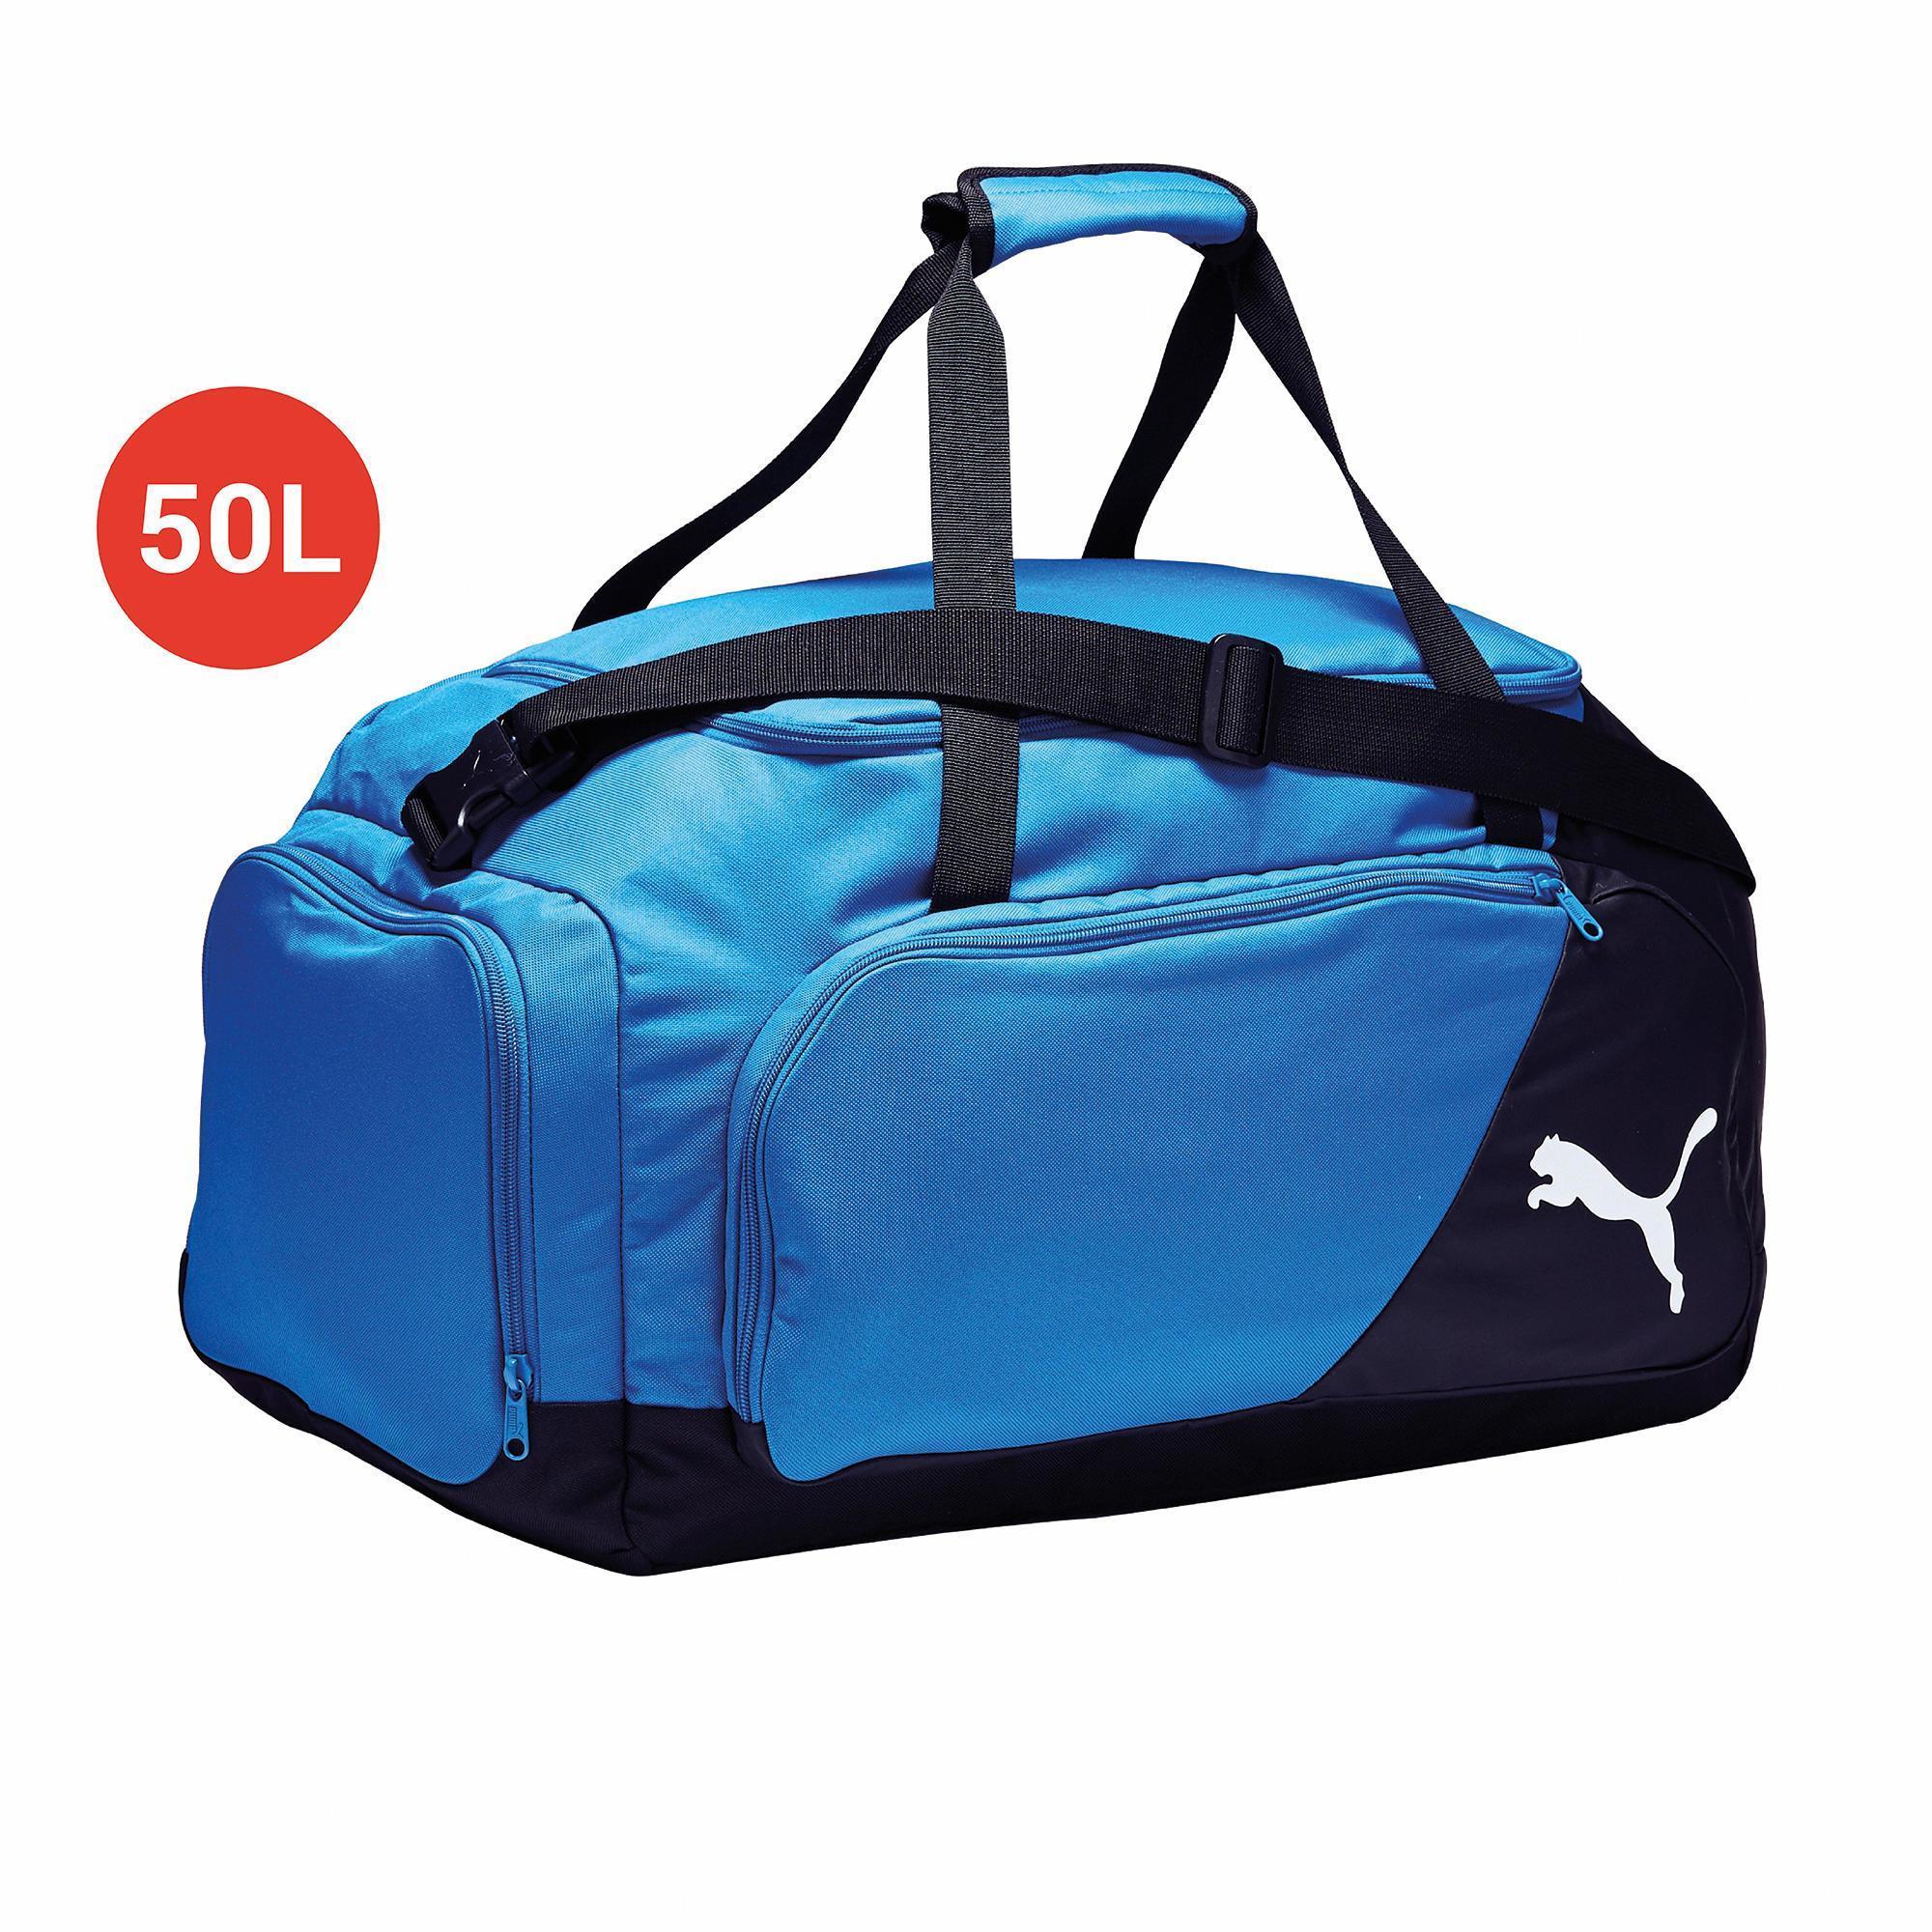 Puma Voetbaltas-sporttas Liga Medium bag 50 liter blauw